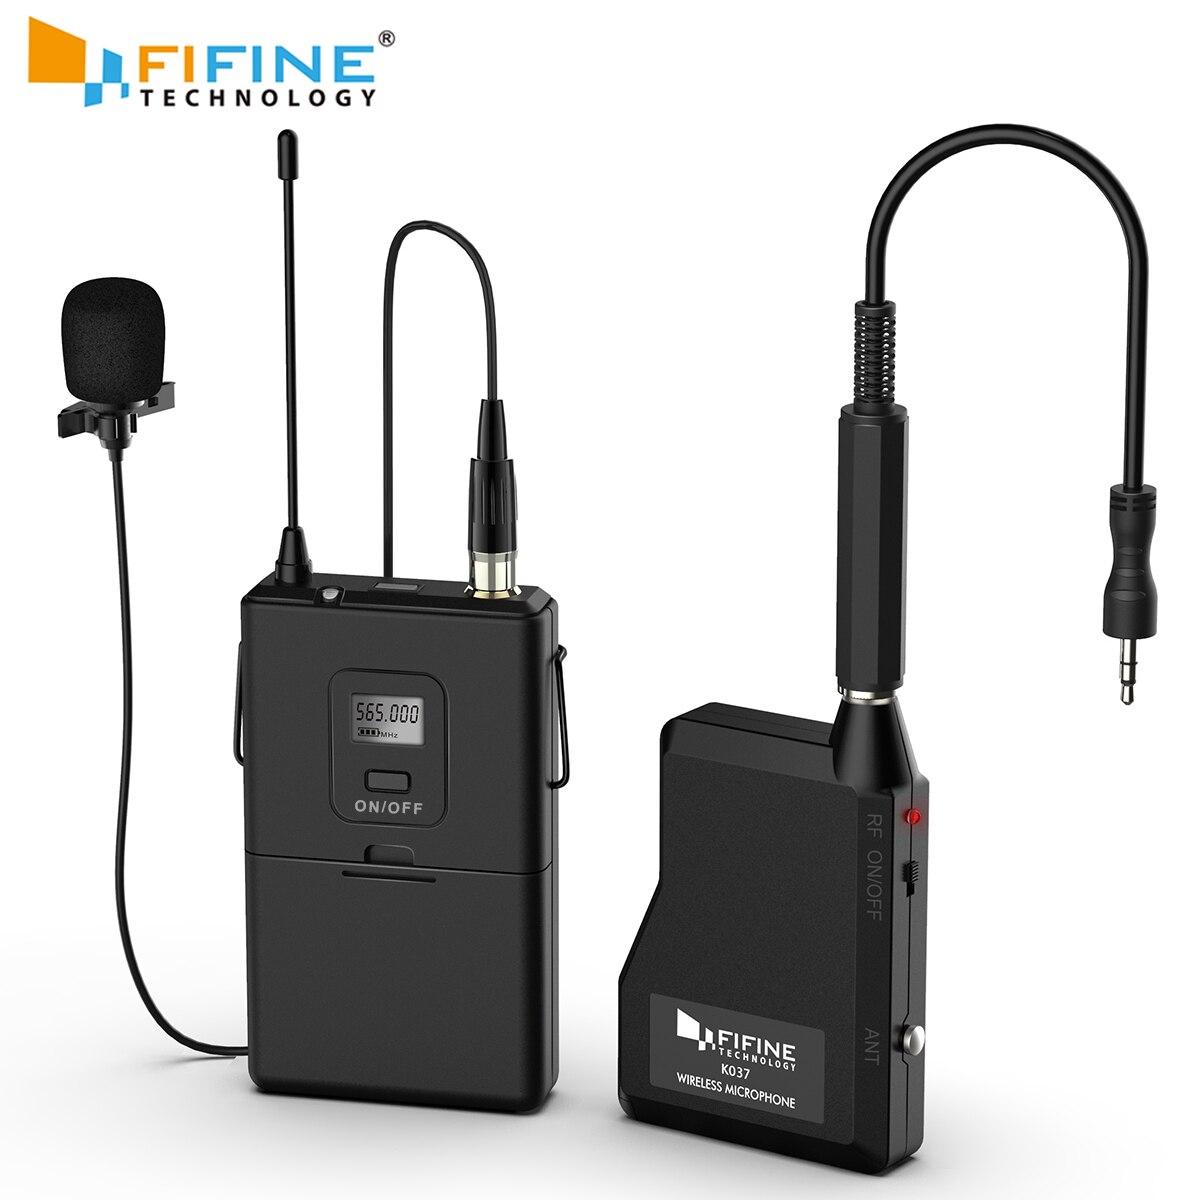 Fifine 20 canaux UHF sans fil Lavalier système de Microphone avec transmetteur Bodypack, Mini micro de revers et récepteur Portable